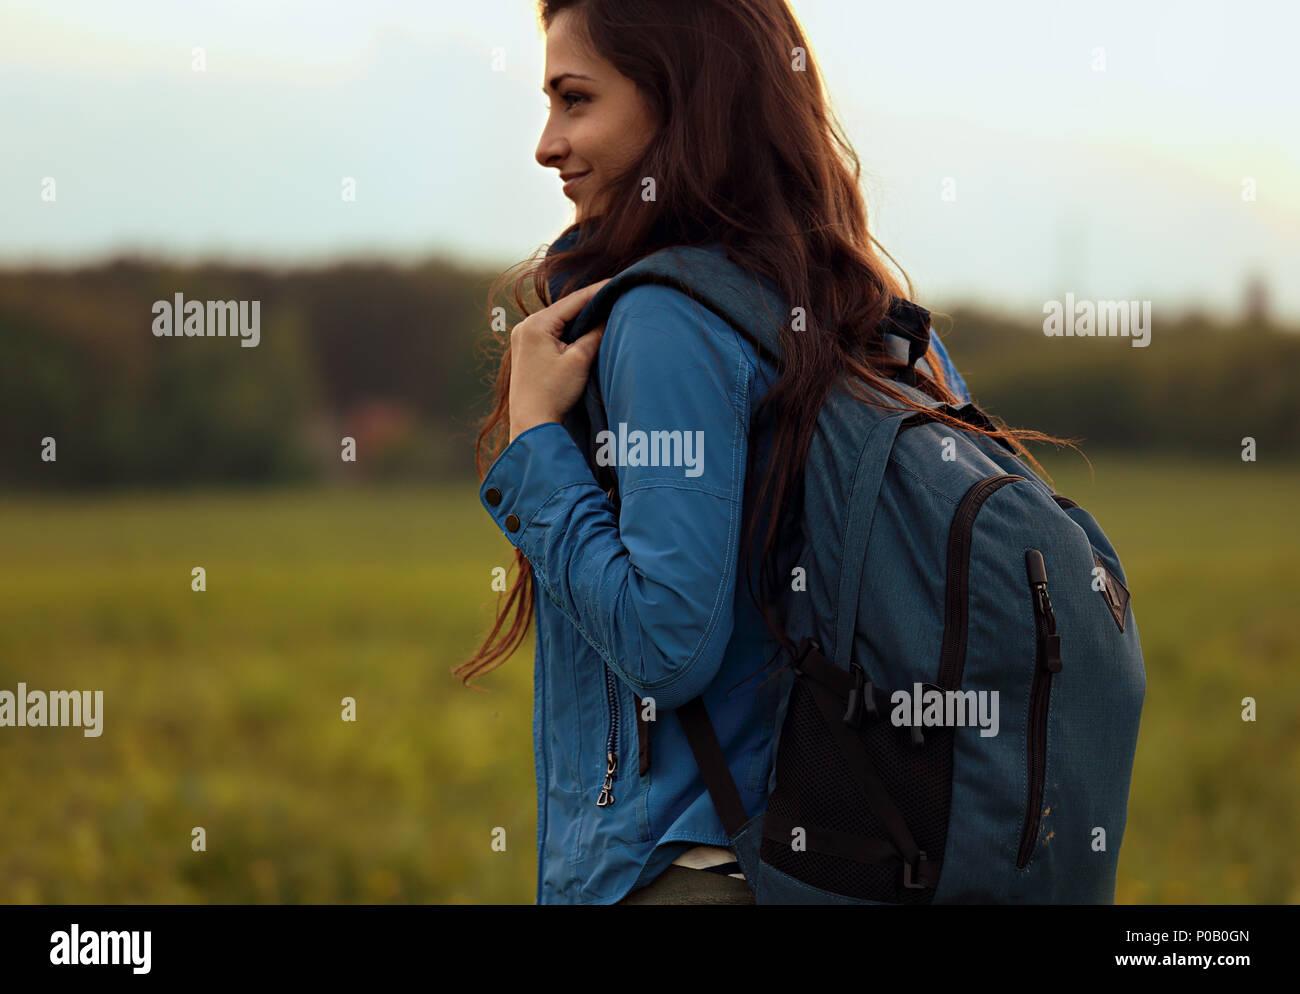 Felice backpacking avventurosa donna hanno un viaggio di campeggio con blue enorme musetta sulla natura Sera d'estate sfondo. closeup ritratto Immagini Stock